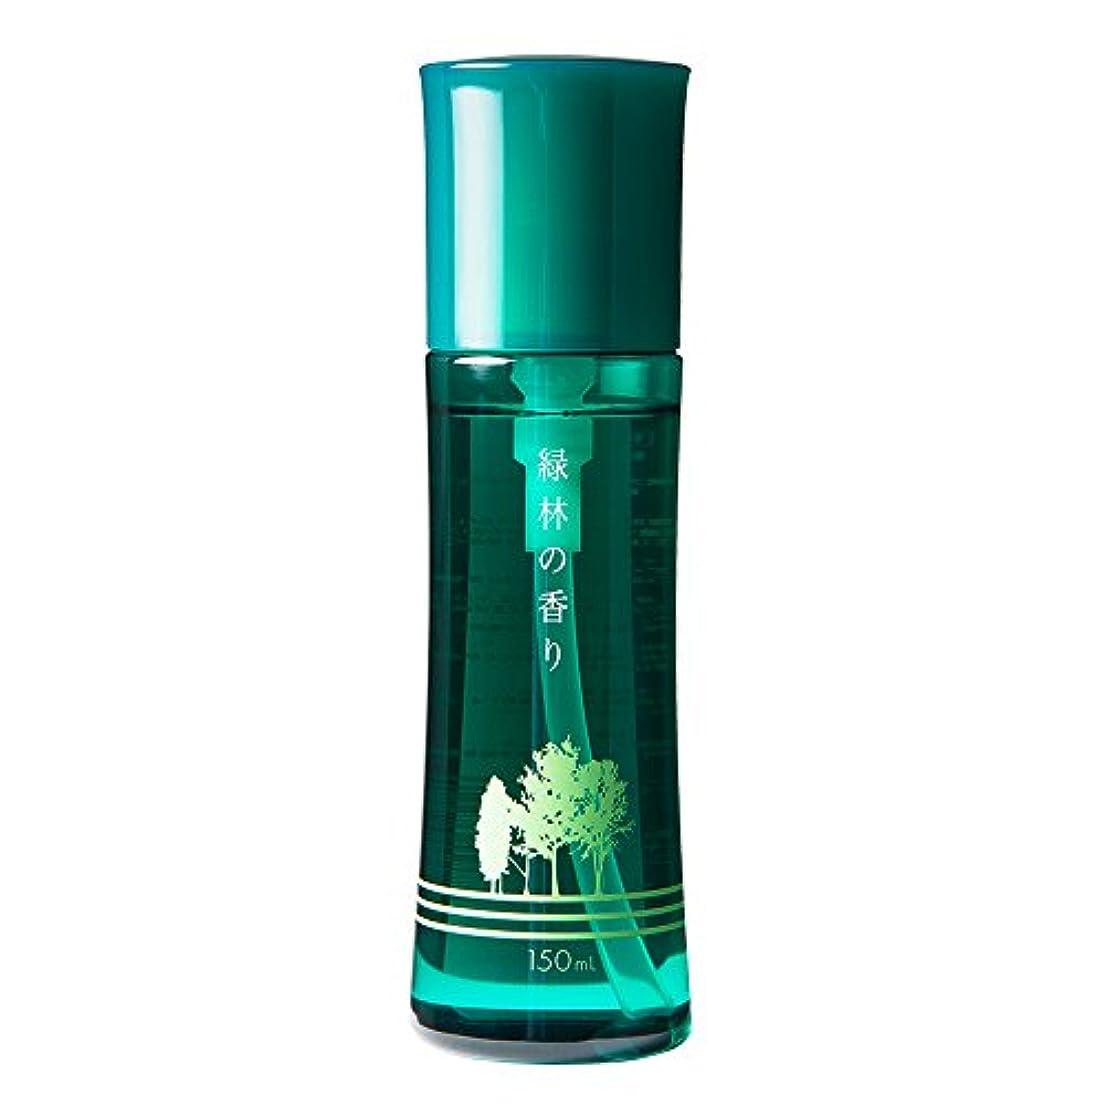 ラオス人申し立てジム芳香剤「緑林の香り(みどりの香り)」150mL 日本予防医薬